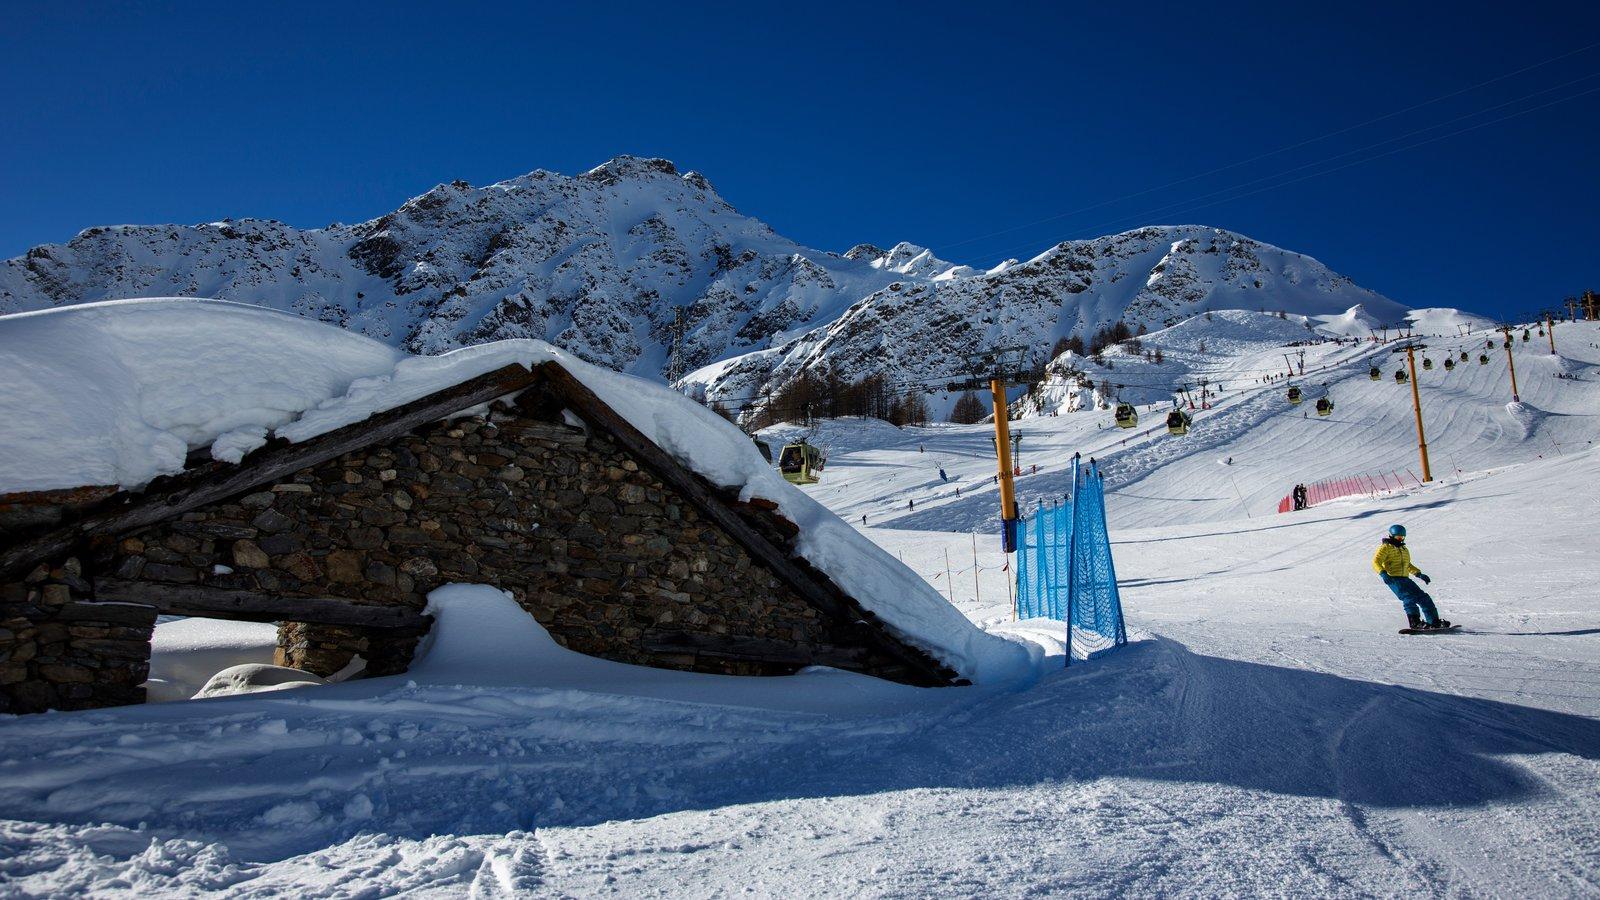 Courmayeur mostrando nieve, montañas y snowboard